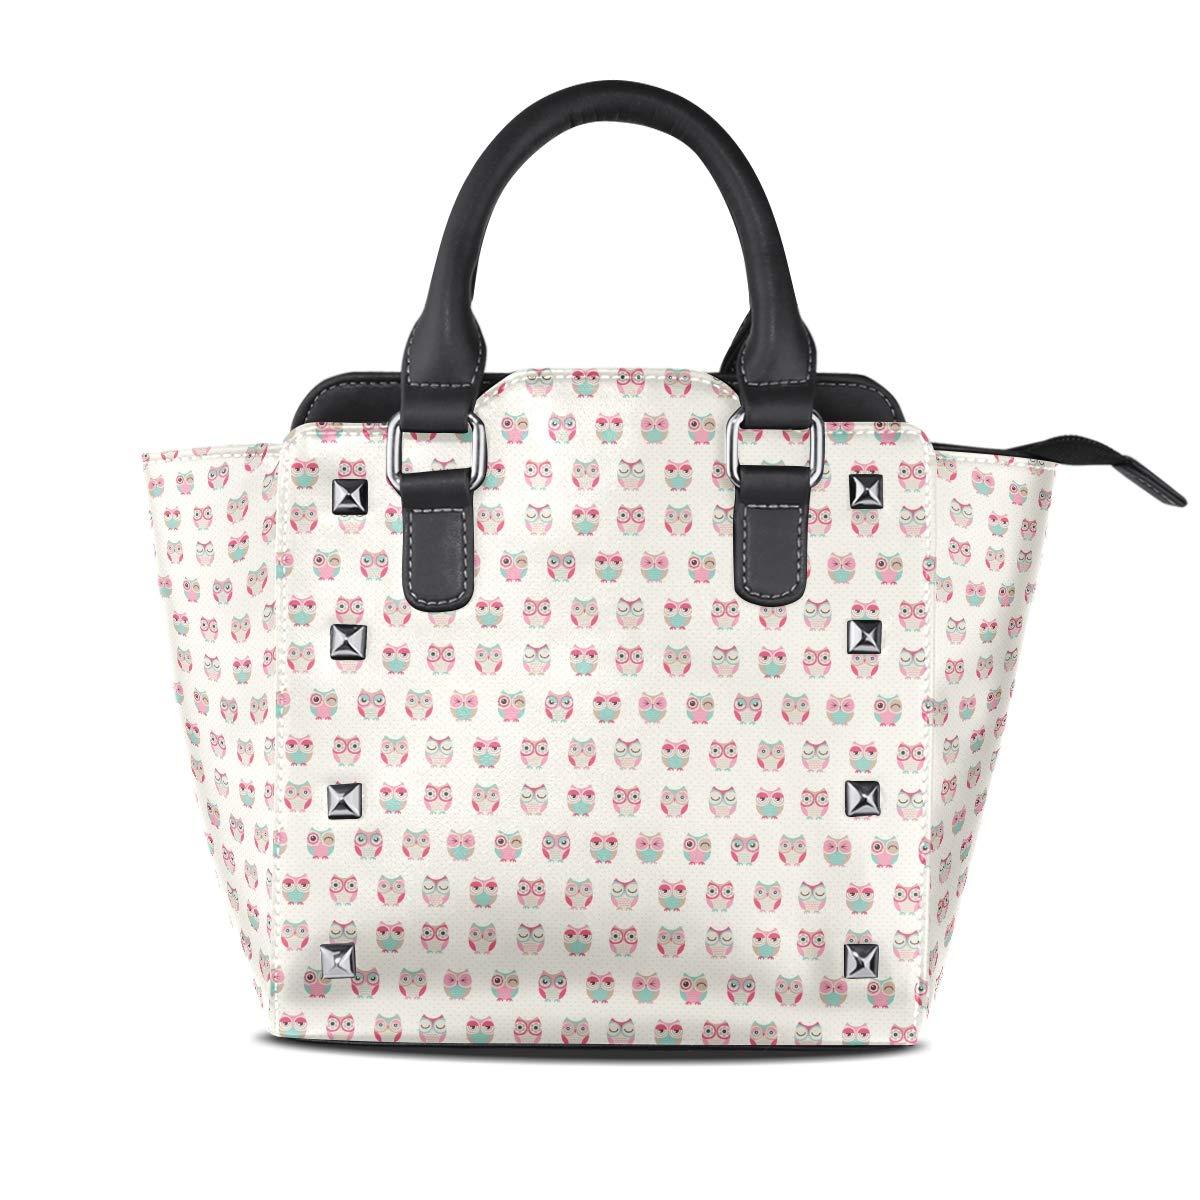 Design5 Handbag Cheetah Genuine Leather Tote Rivet Bag Shoulder Strap Top Handle Women